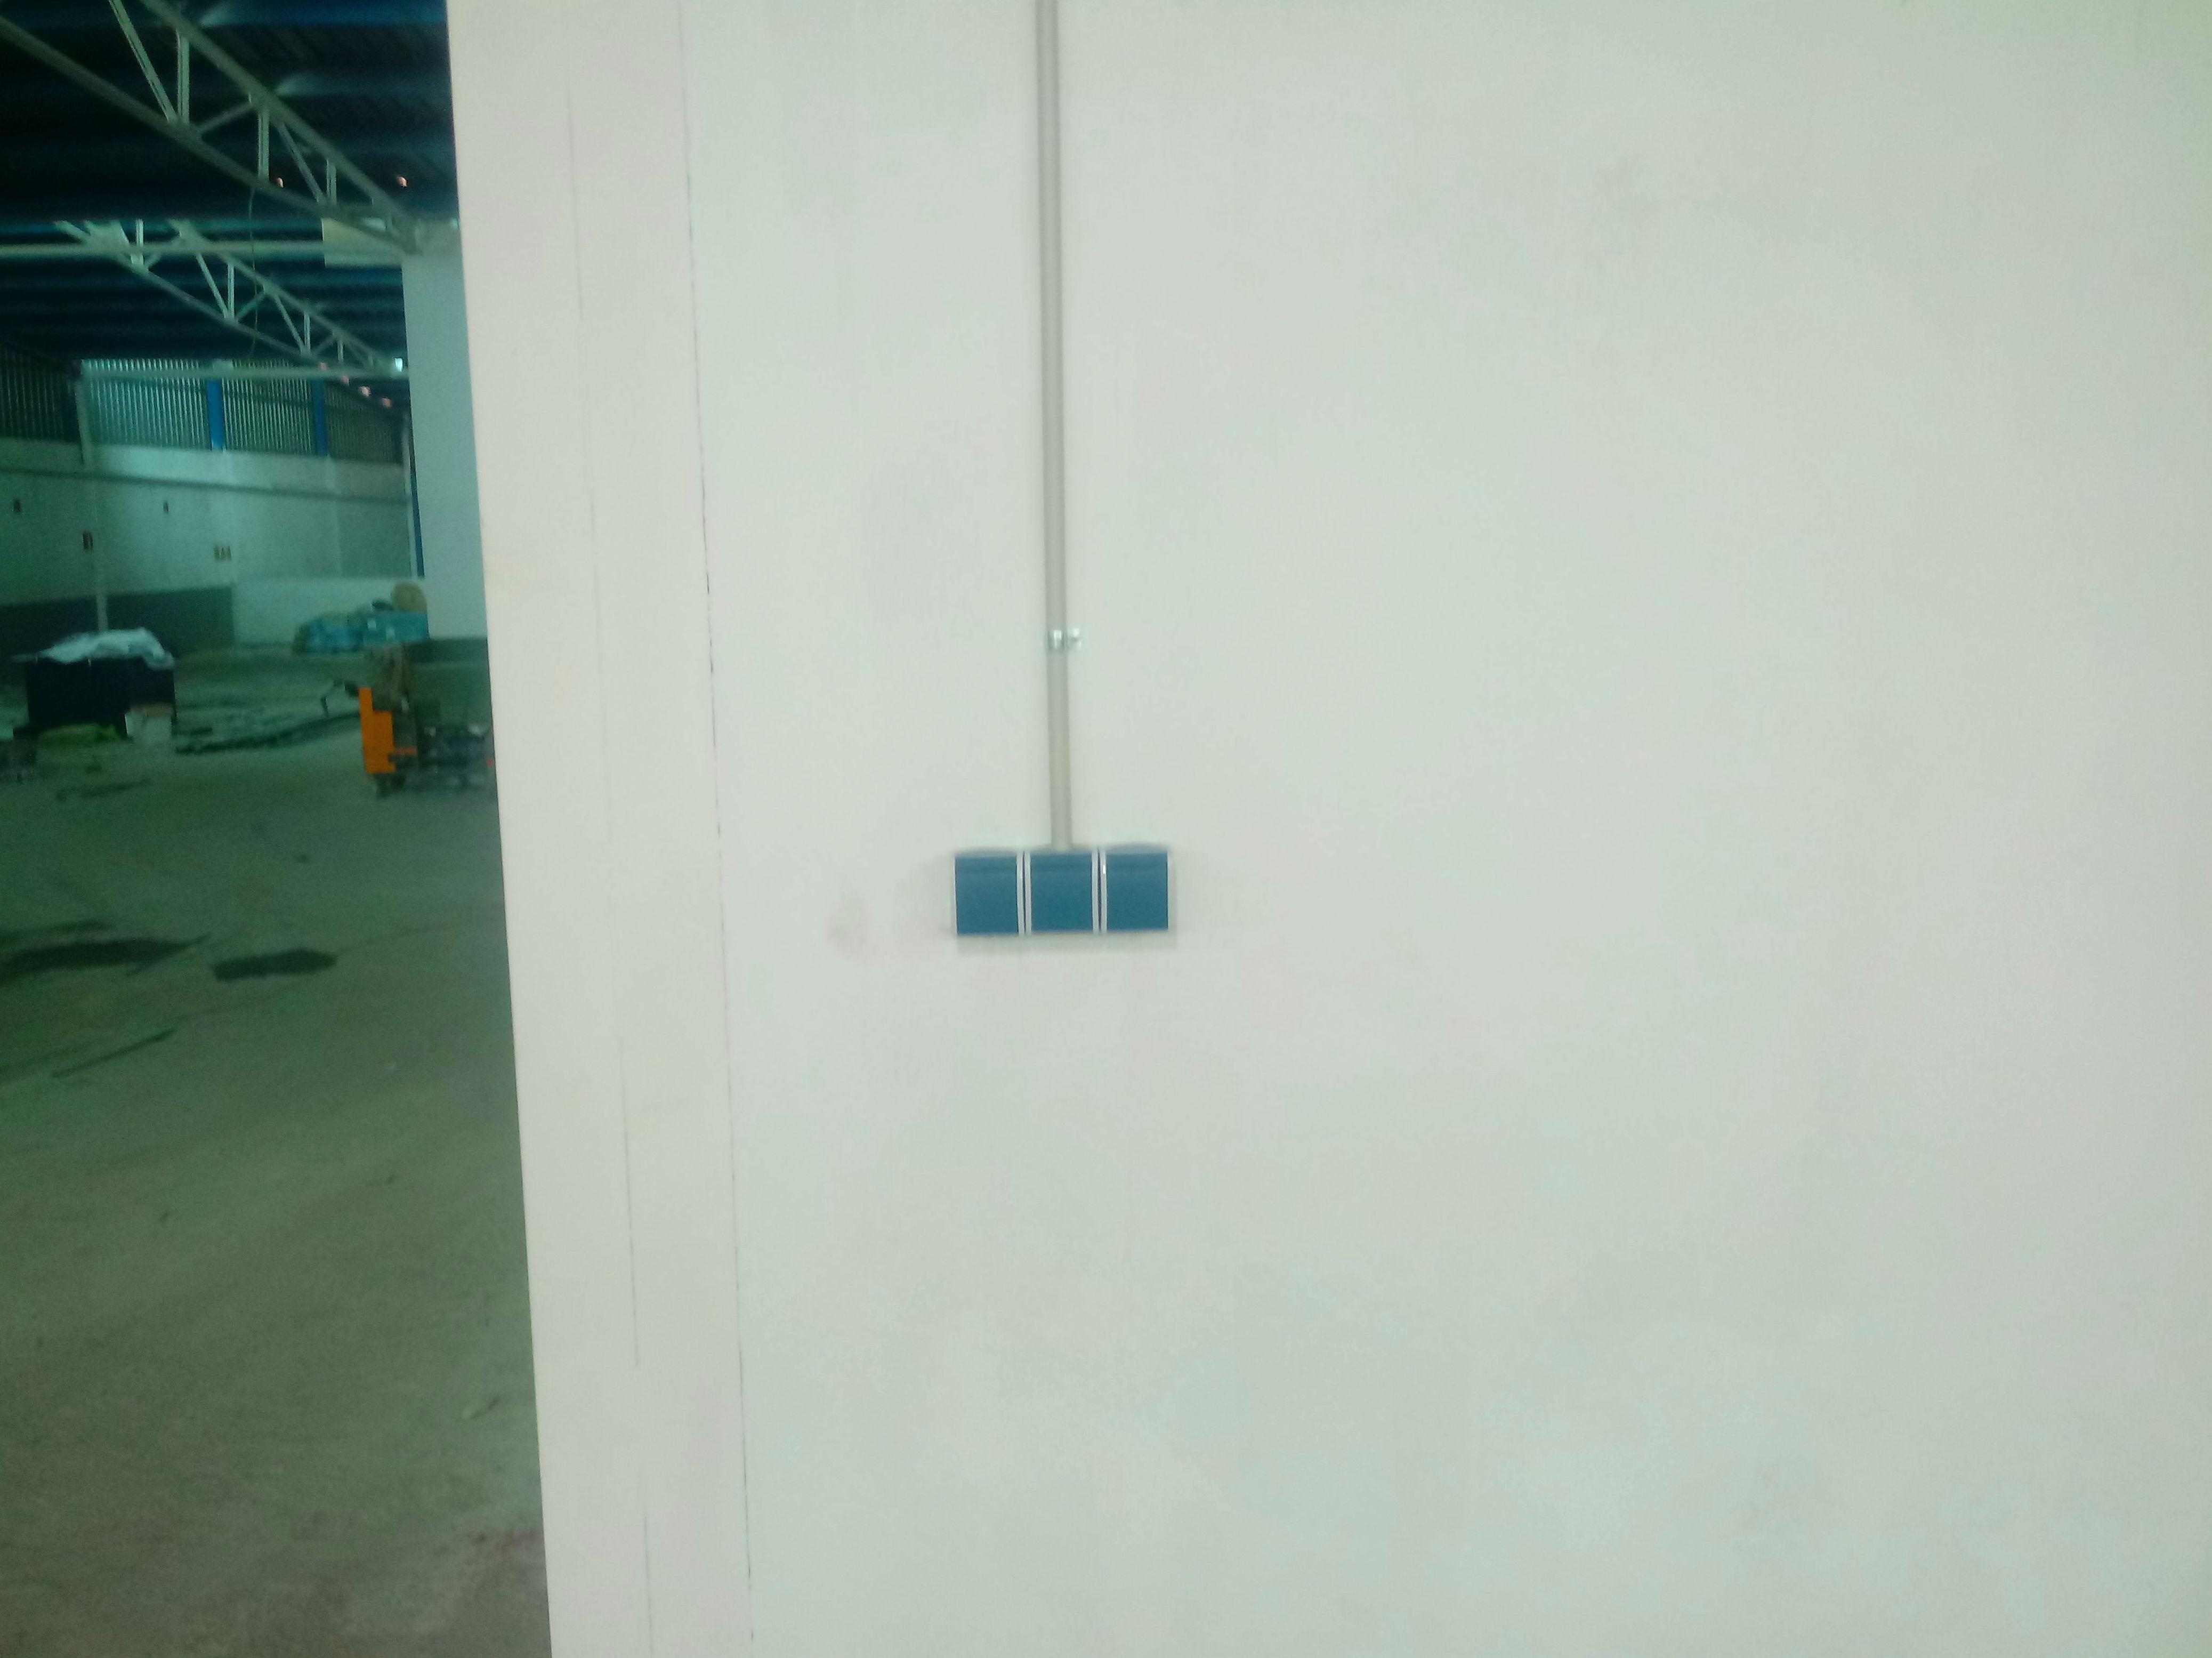 Foto 10 de Reparaciones eléctricas en Roquetas de Mar | Instalación y mantenimiento José A. Muñoz